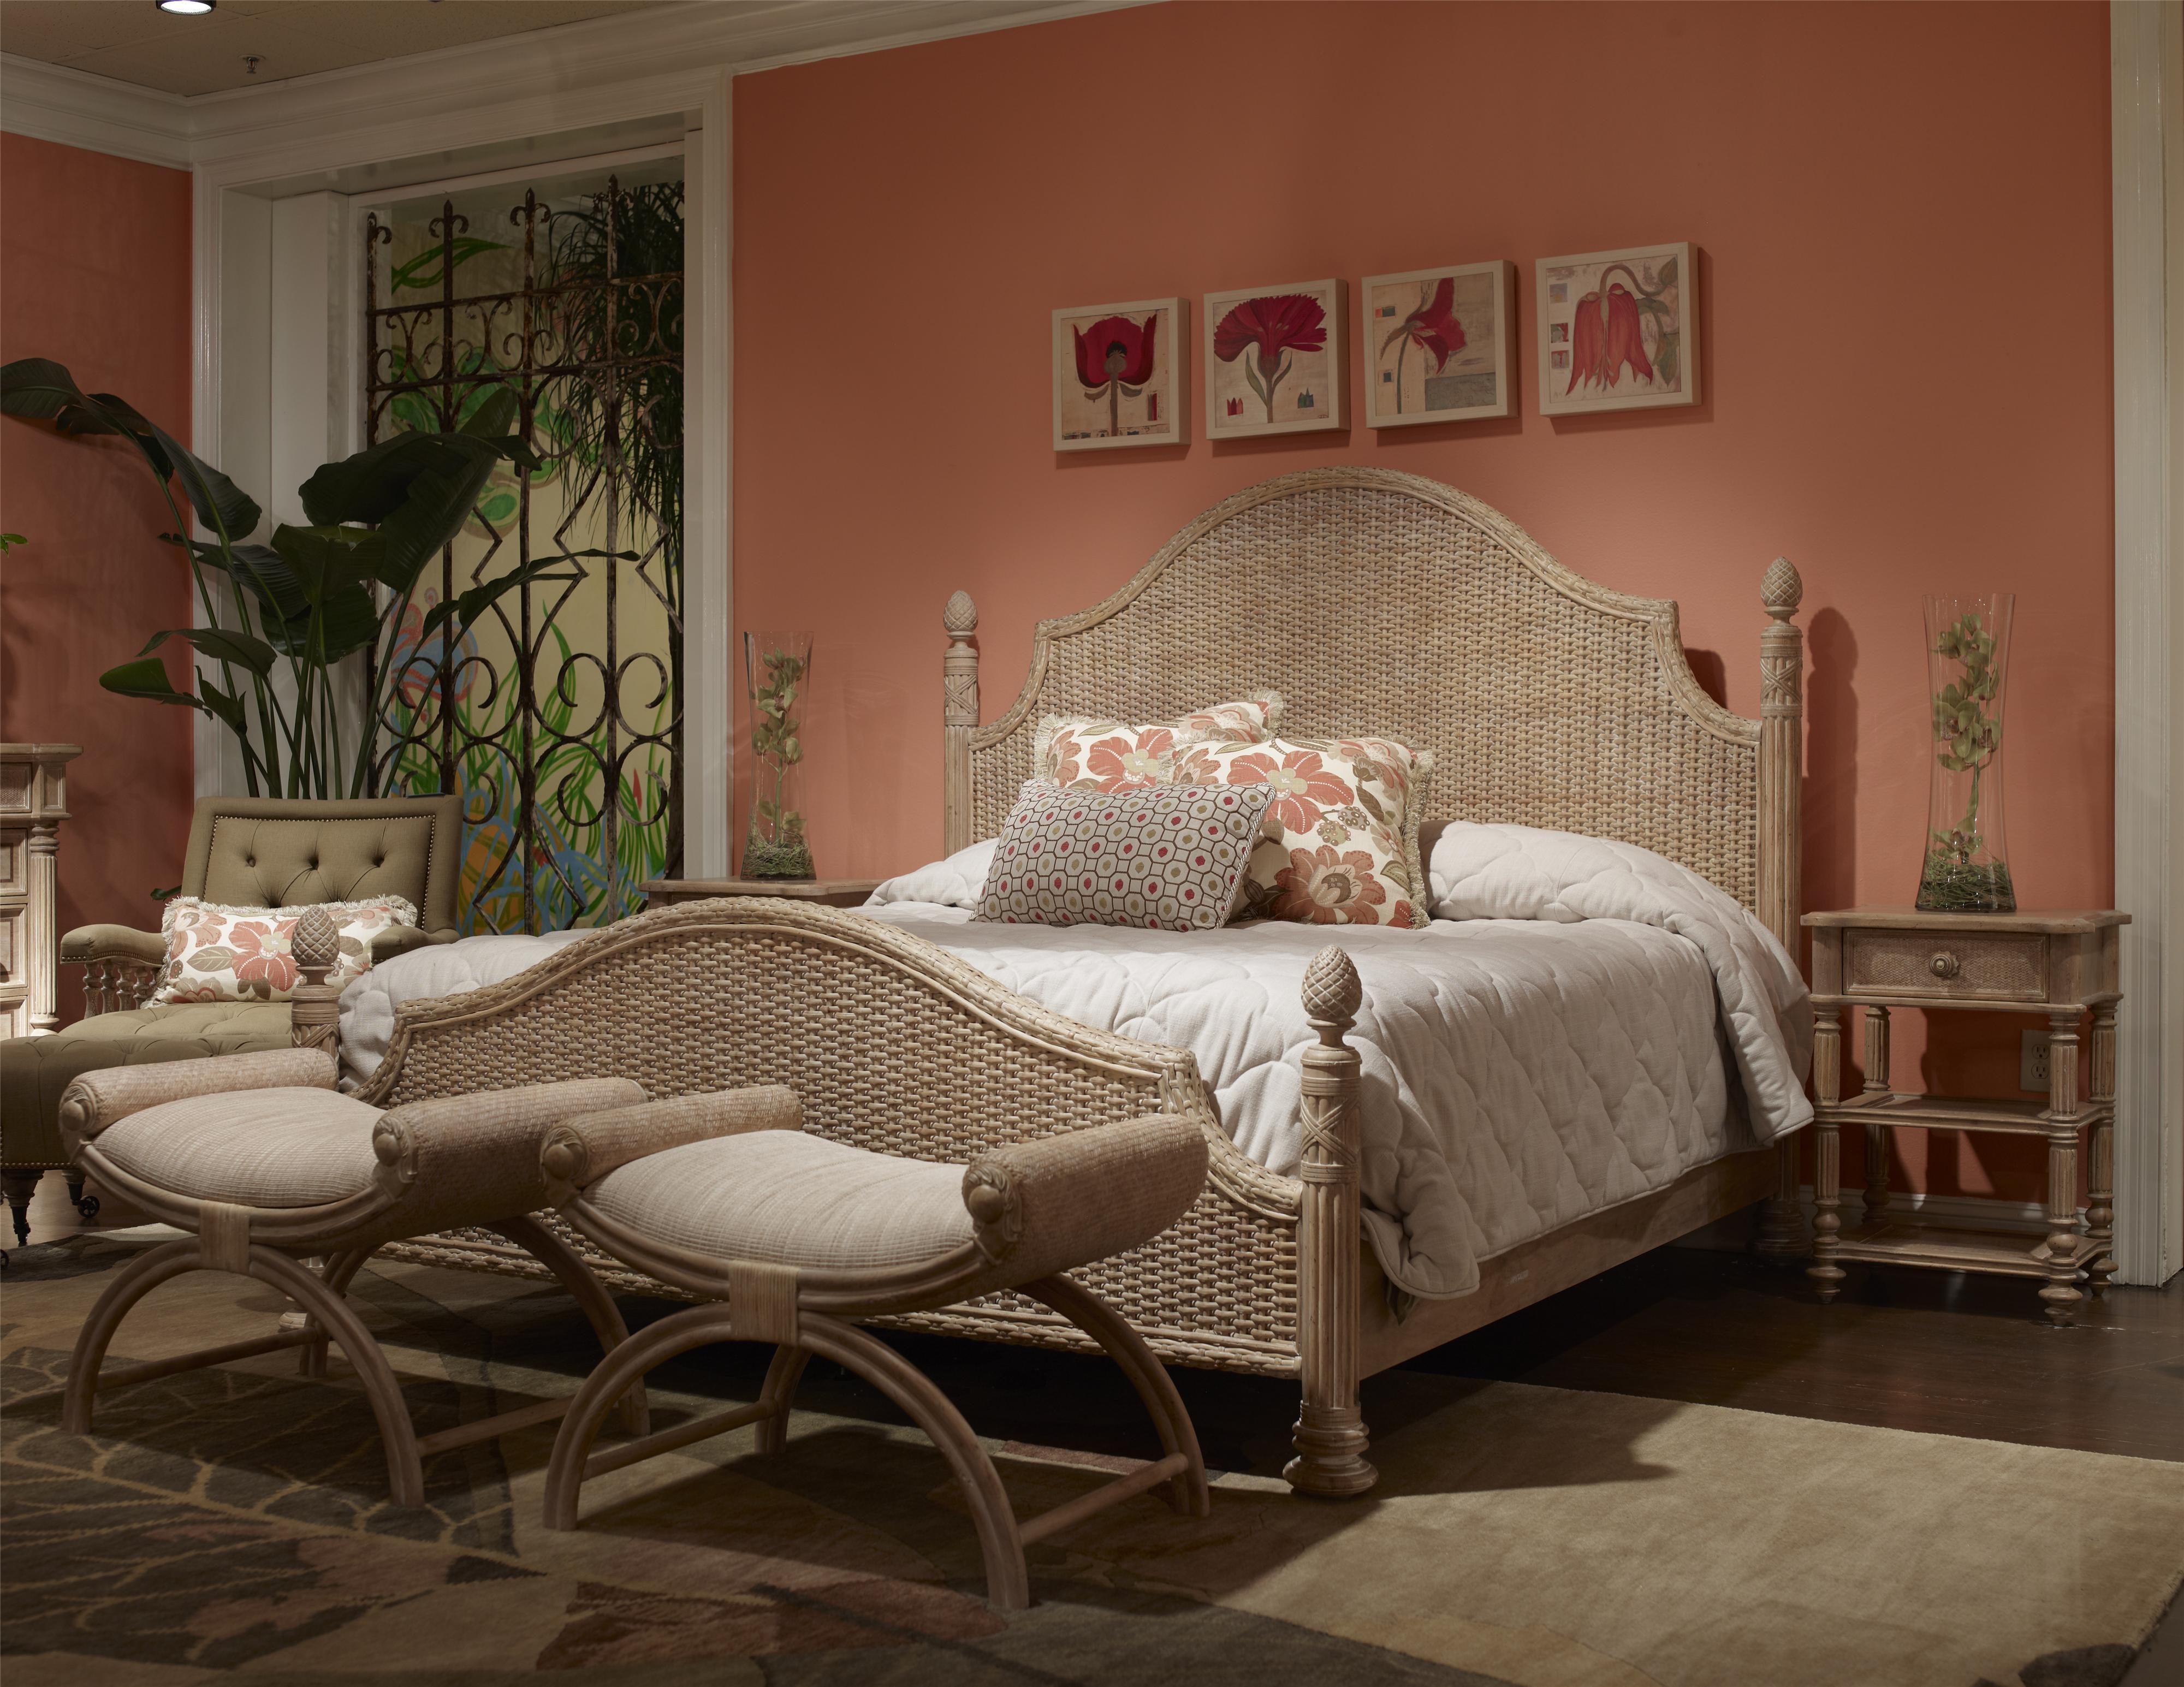 furniture design palm island bedroom group 1 jacksonville furniture